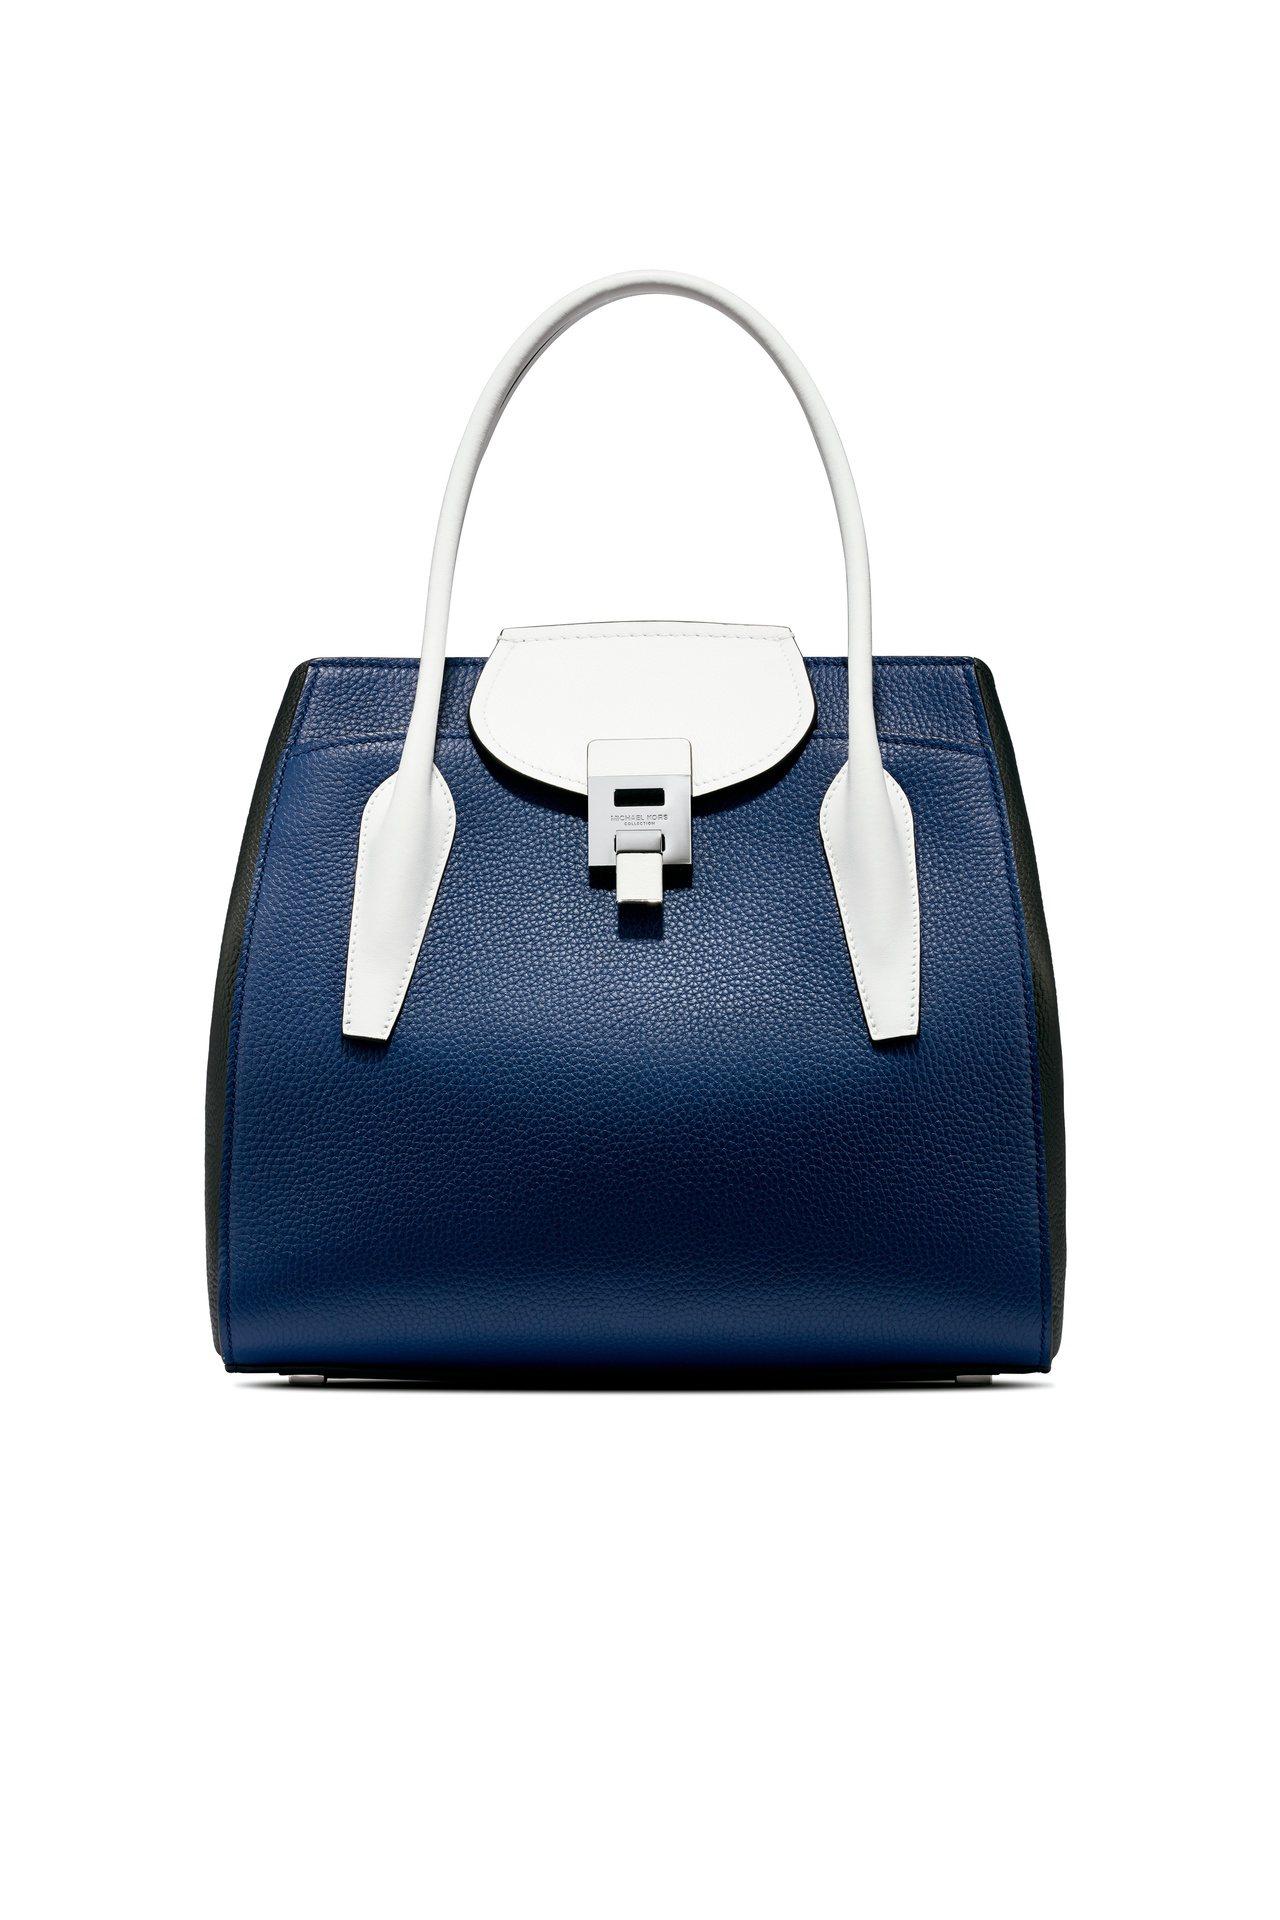 藍白色系早春包款點出島嶼度假的風格,售約46,000元。圖/MICHAEL KO...